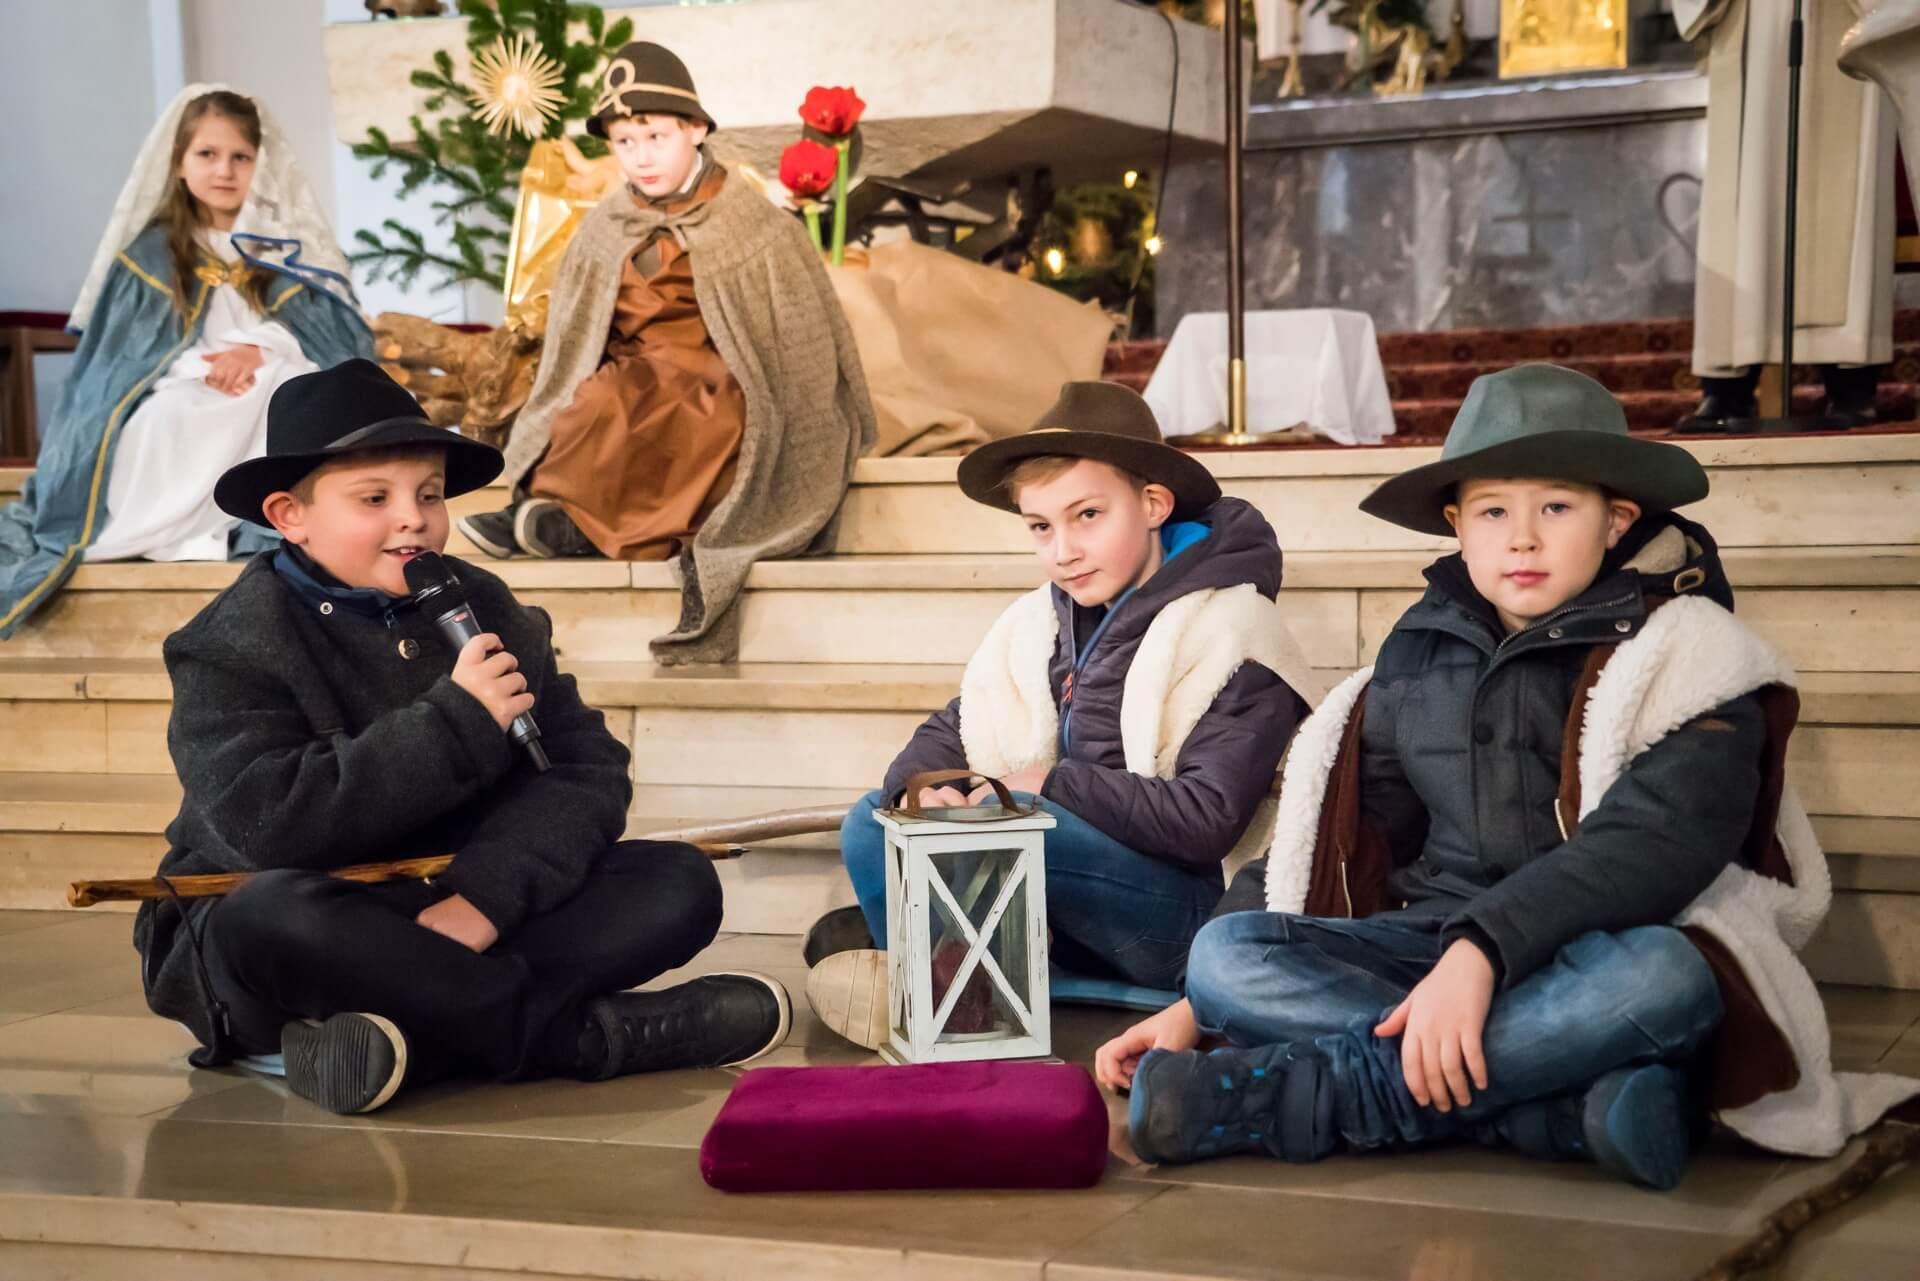 20181224-Kinderchristmette SF 2018 18_12_24_Weihnacht18_038